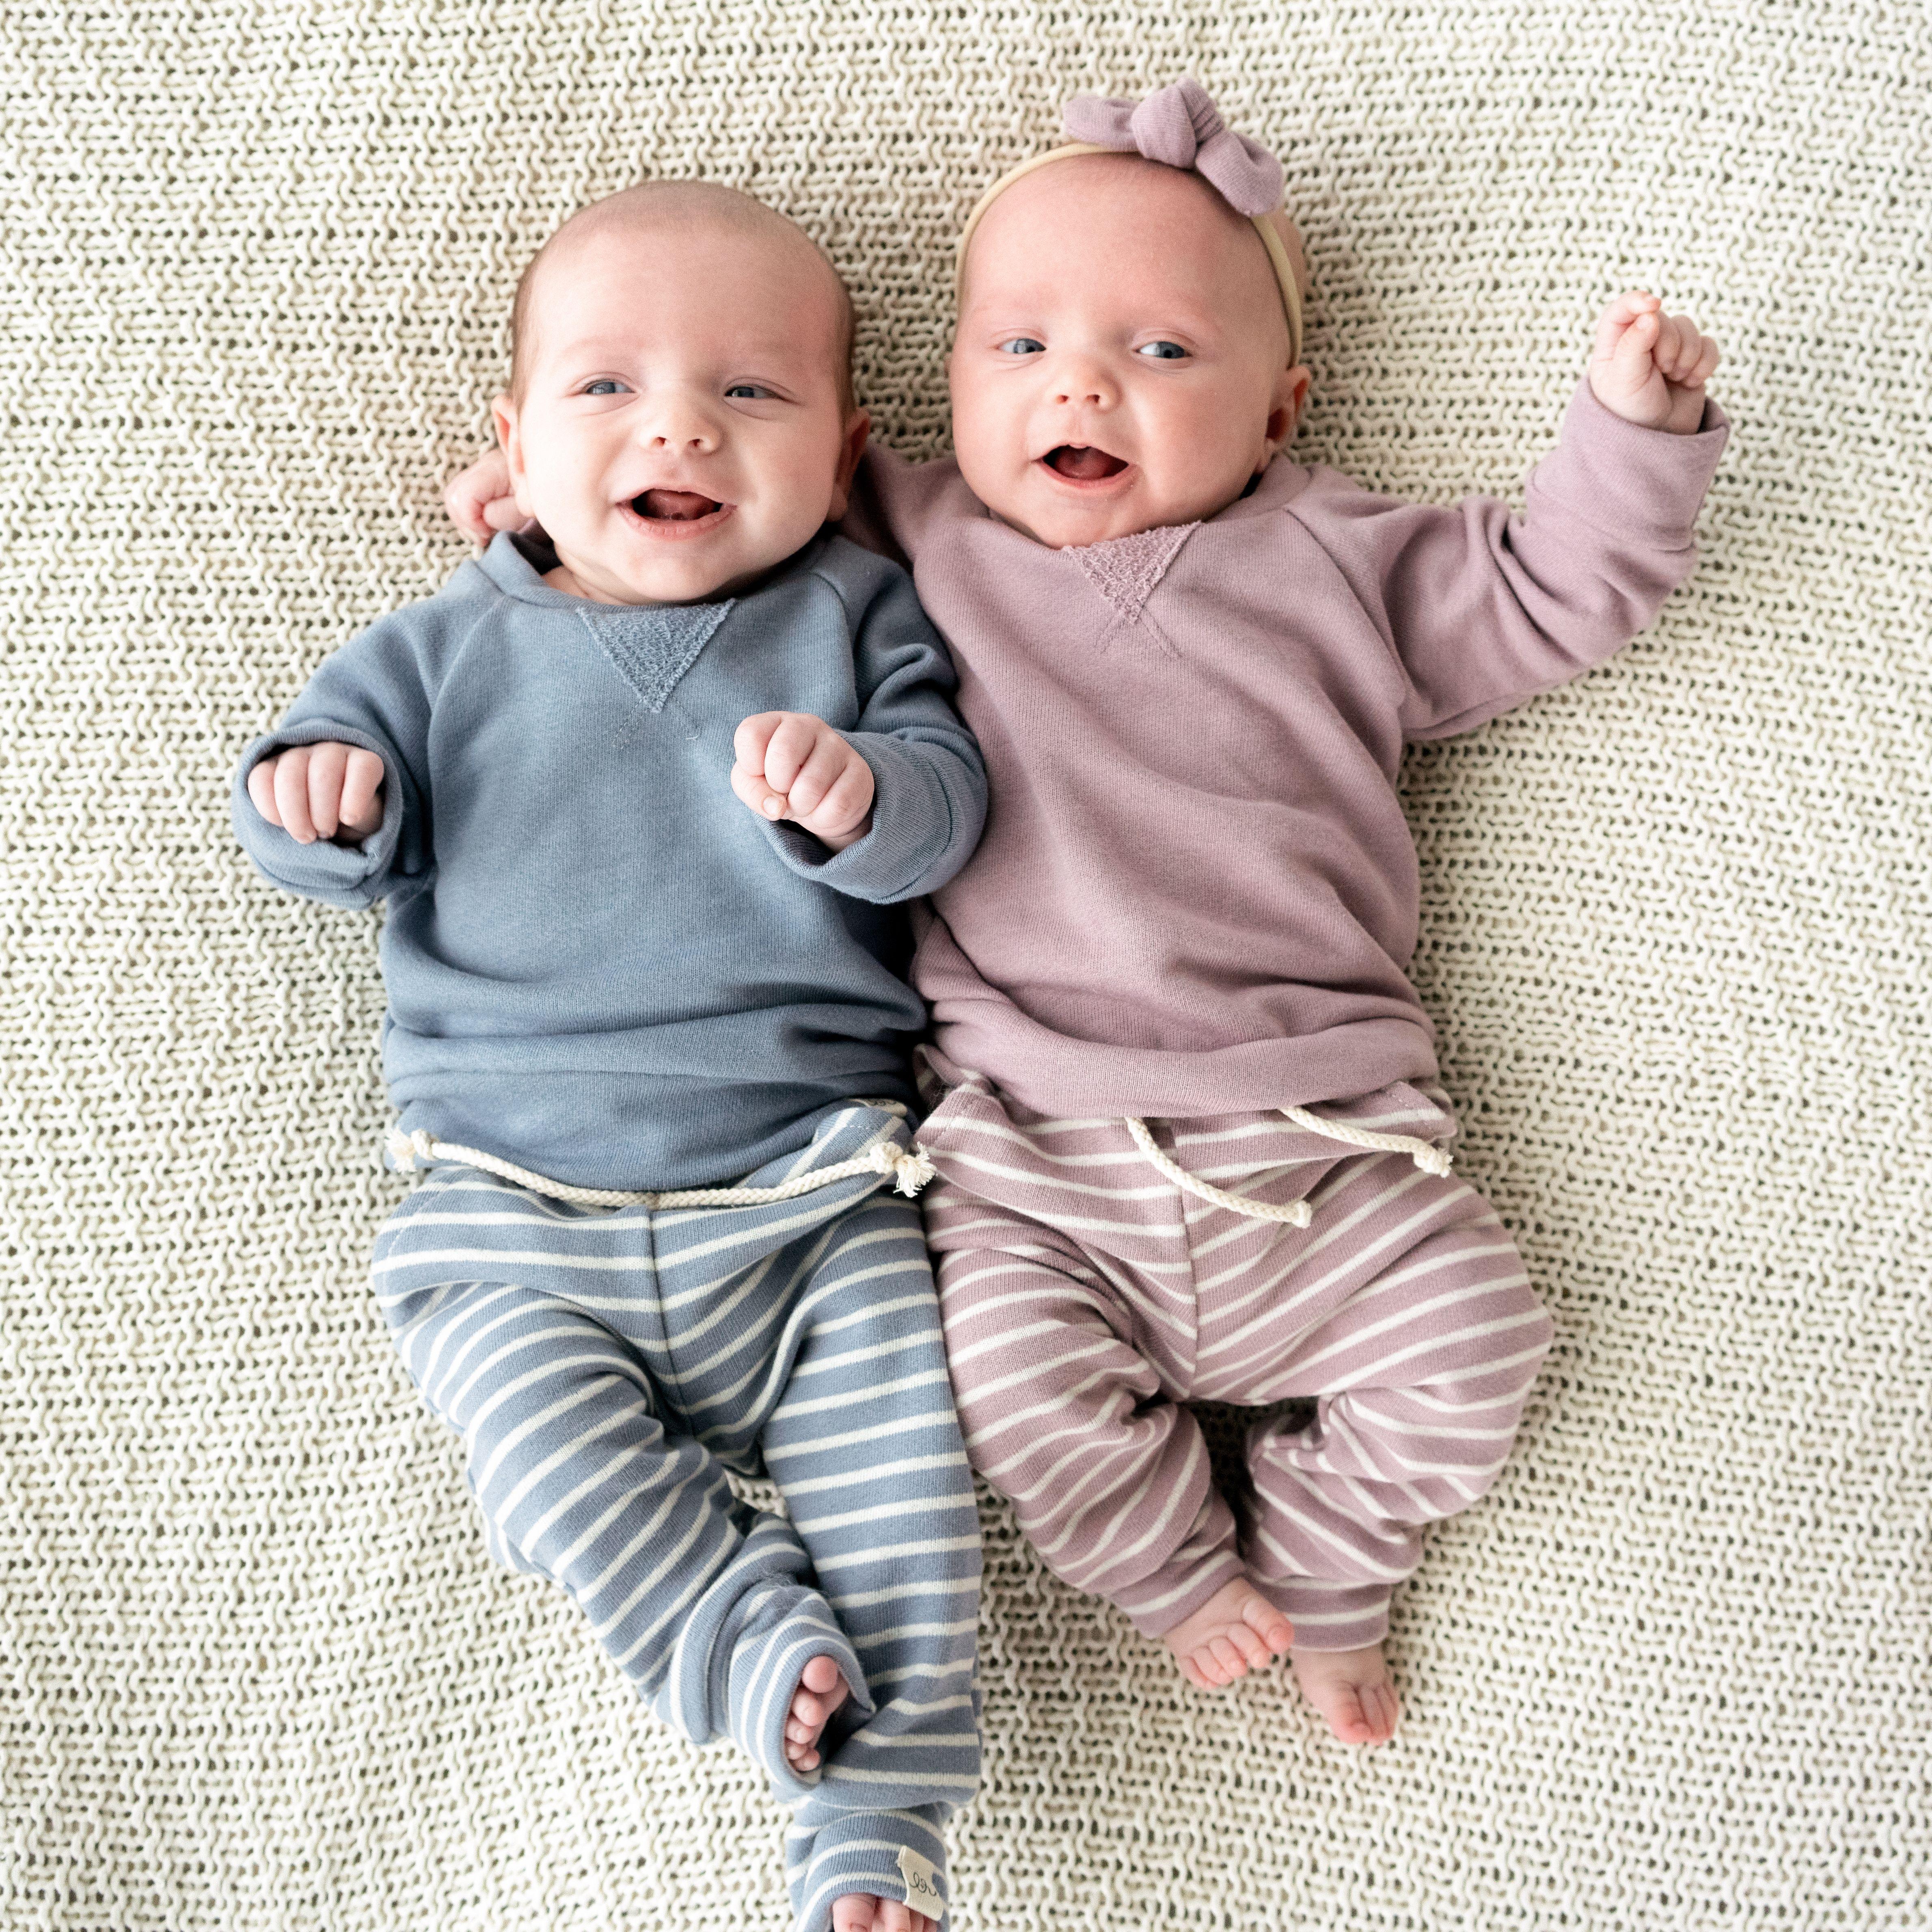 baby clothes kawaii clothes baby kawaii 18 month clothes girl clothes cute clothes cute baby clothes cute girl clothes kids clothes